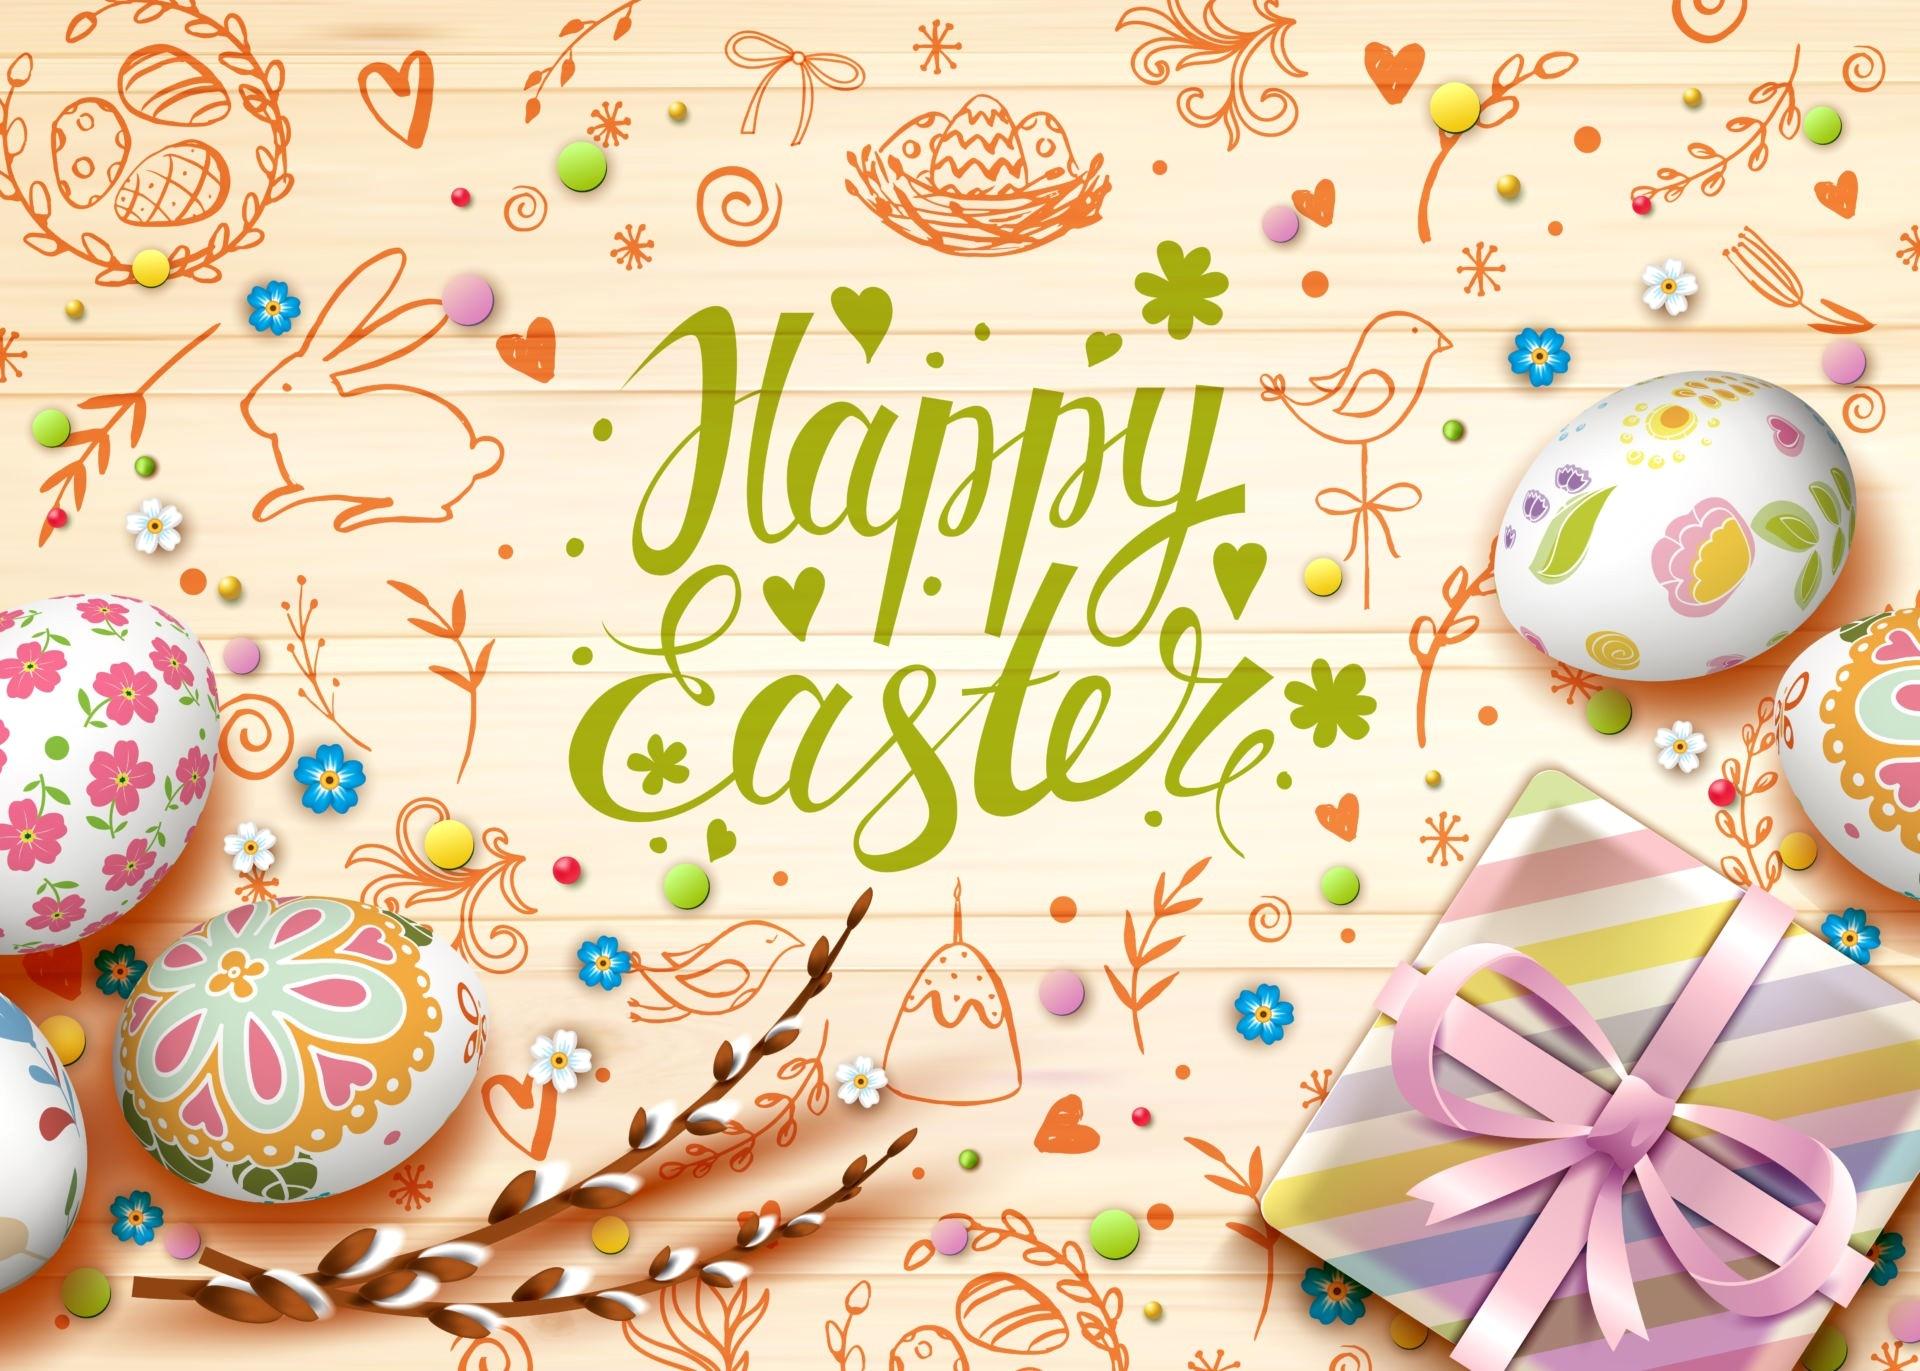 Картинки на английском с праздником пасхи